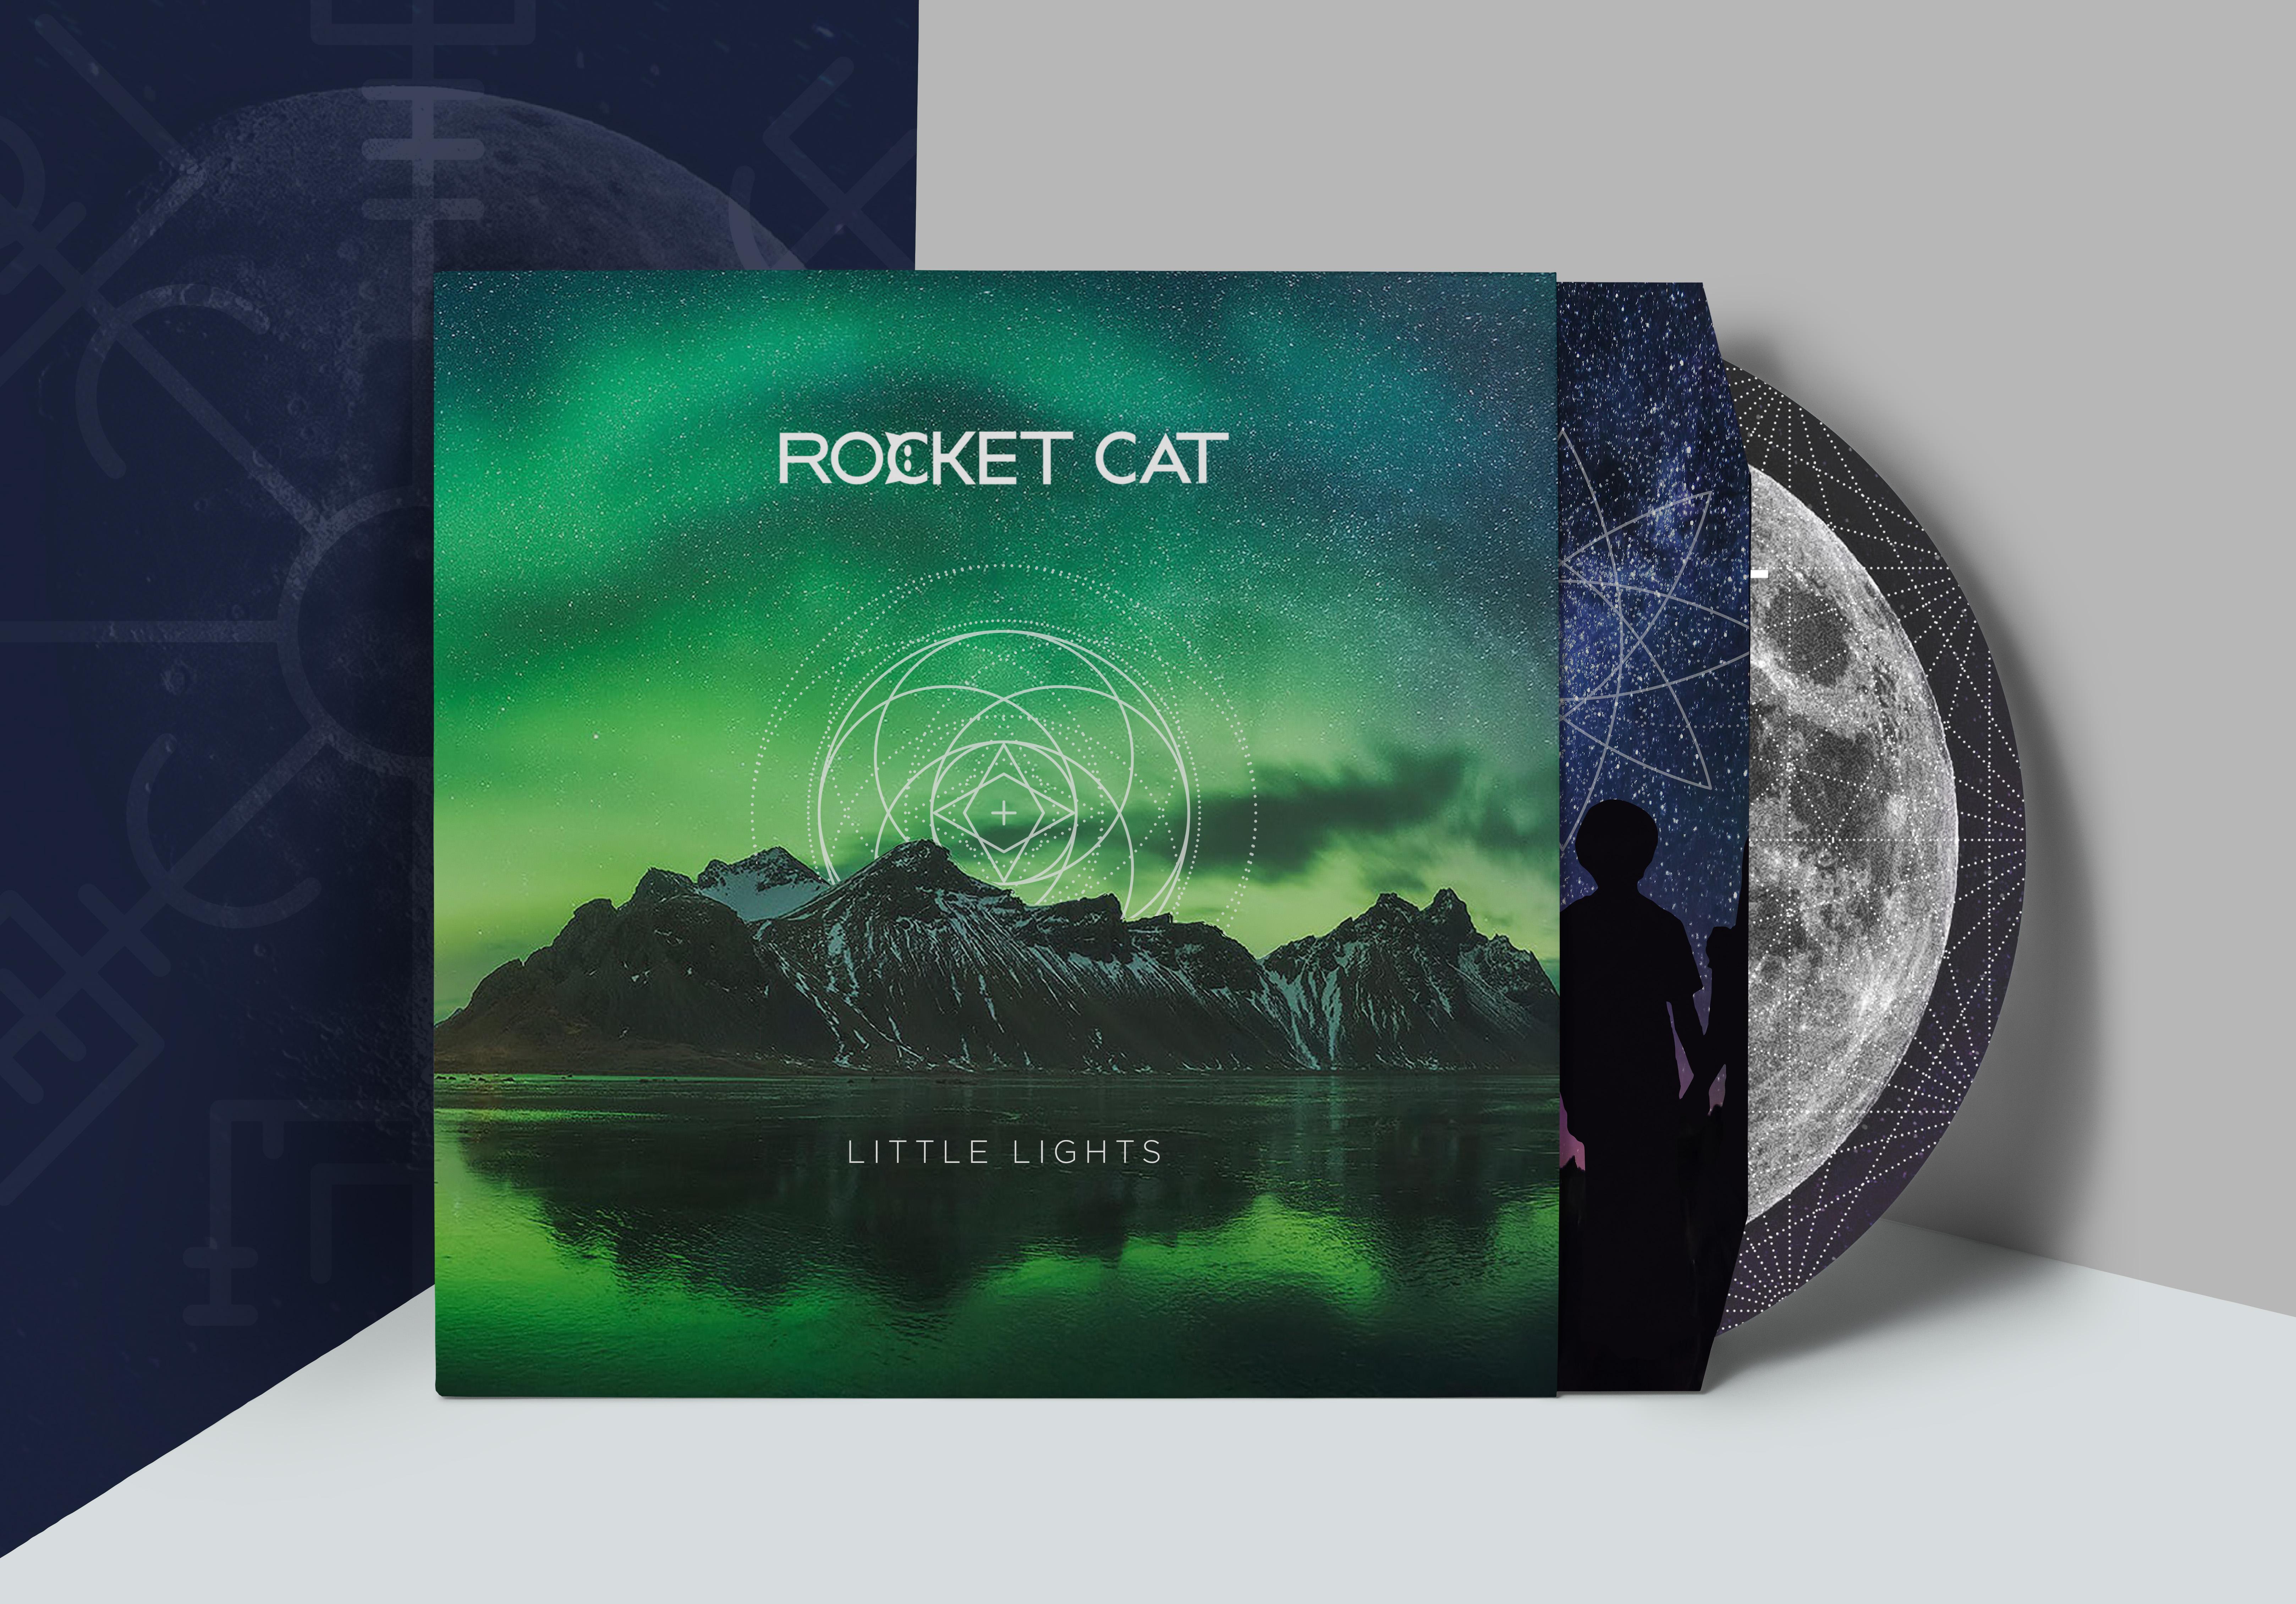 Rocket cat record